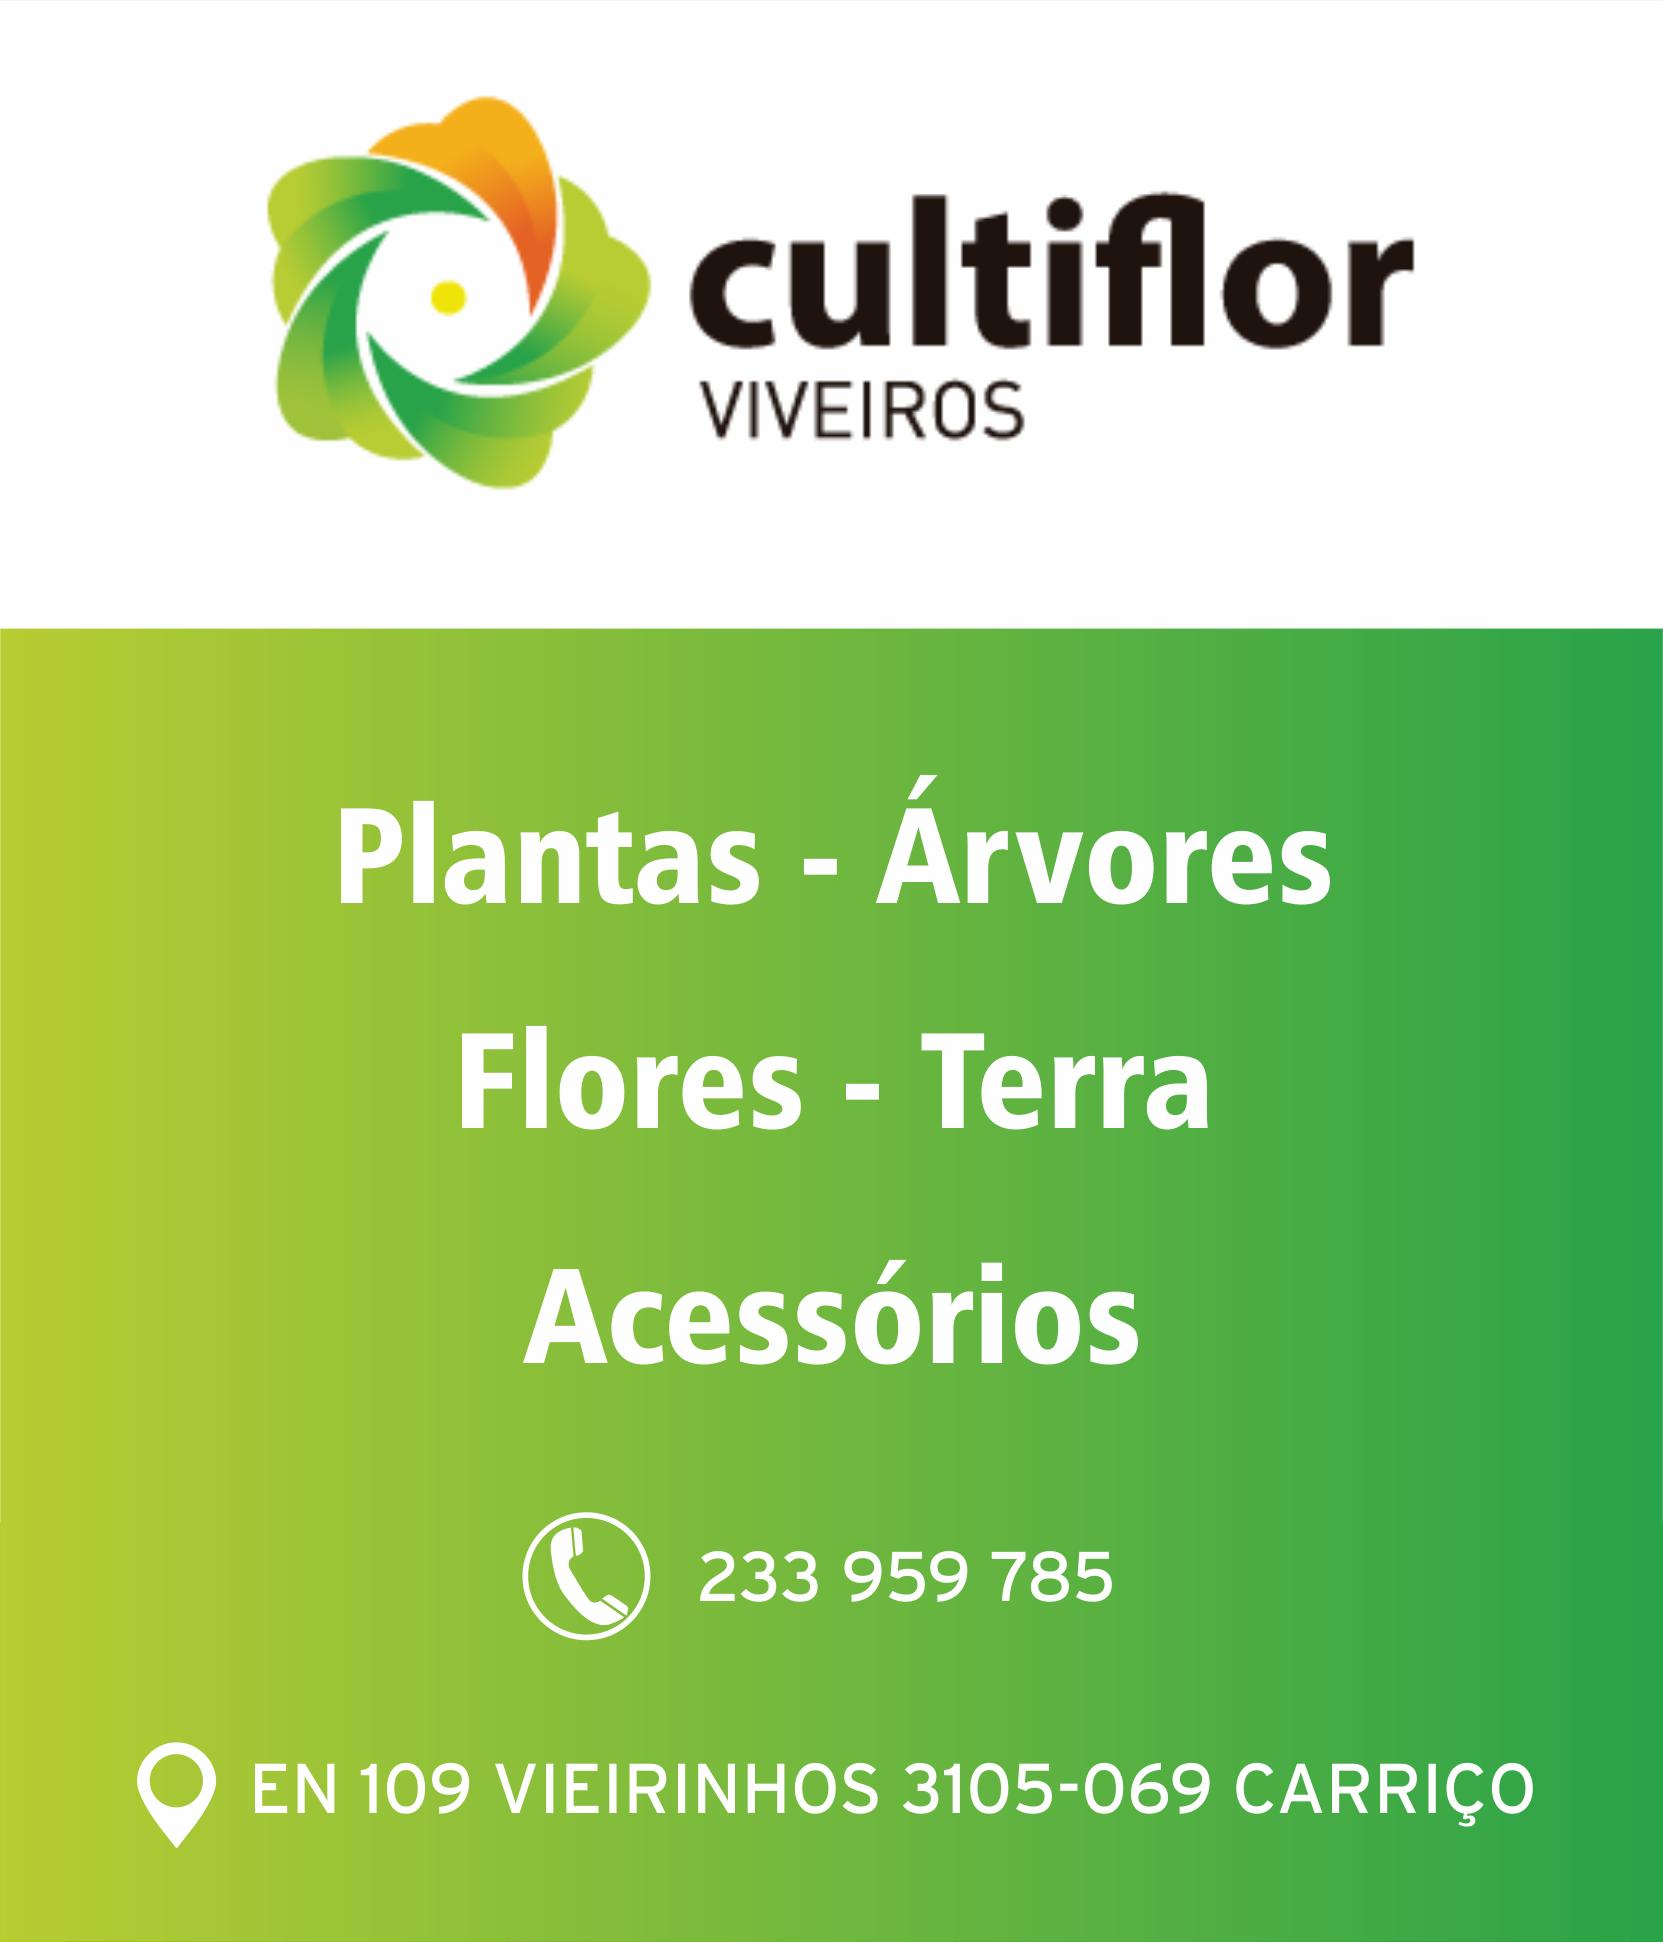 https://www.facebook.com/Viveiros-Cultiflor-335524269855298